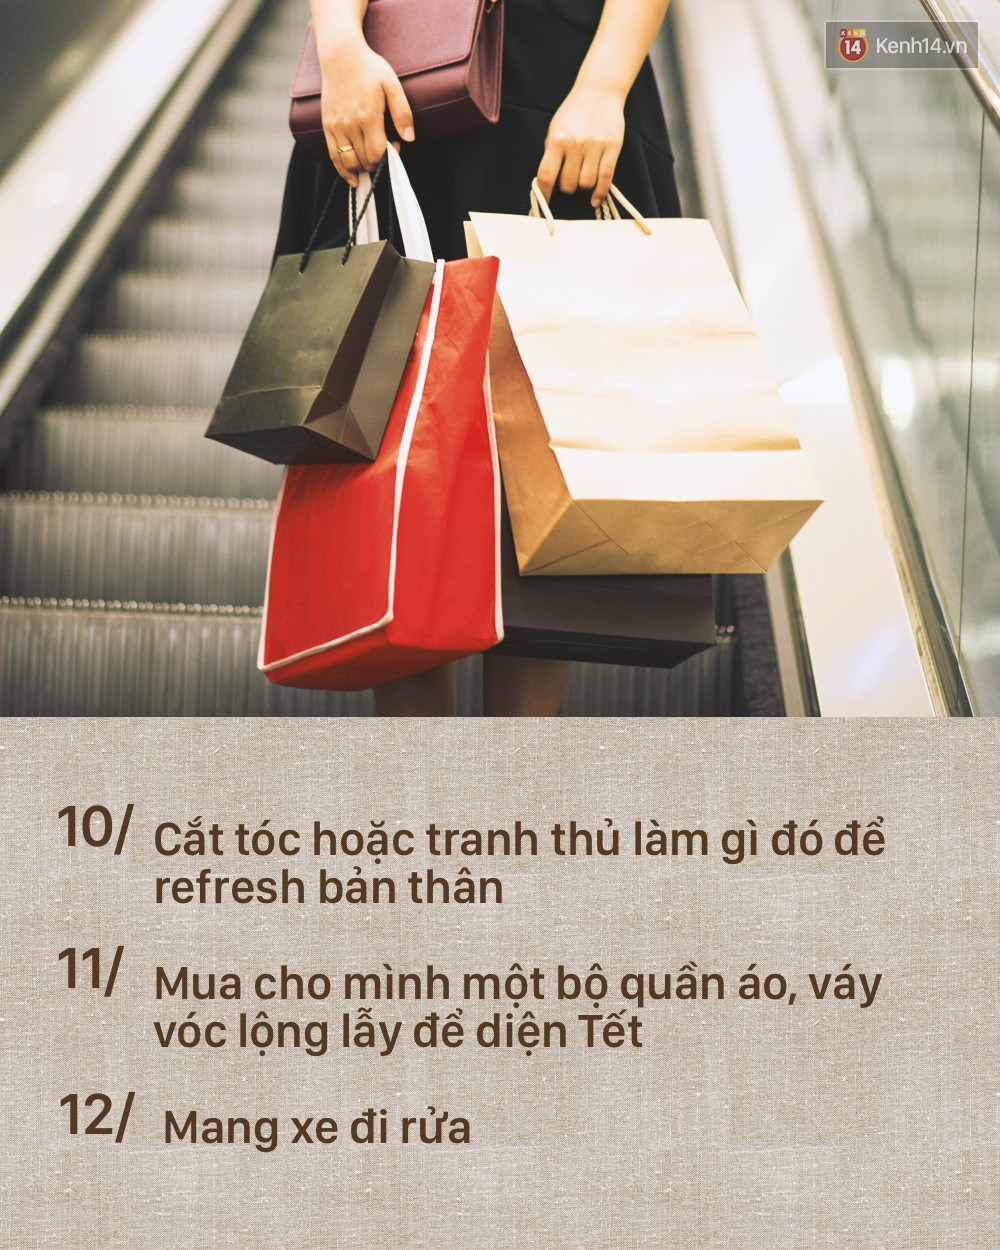 Đây là danh sách 24 việc cần hoàn thành ngay trong ngày cuối năm! - Ảnh 7.